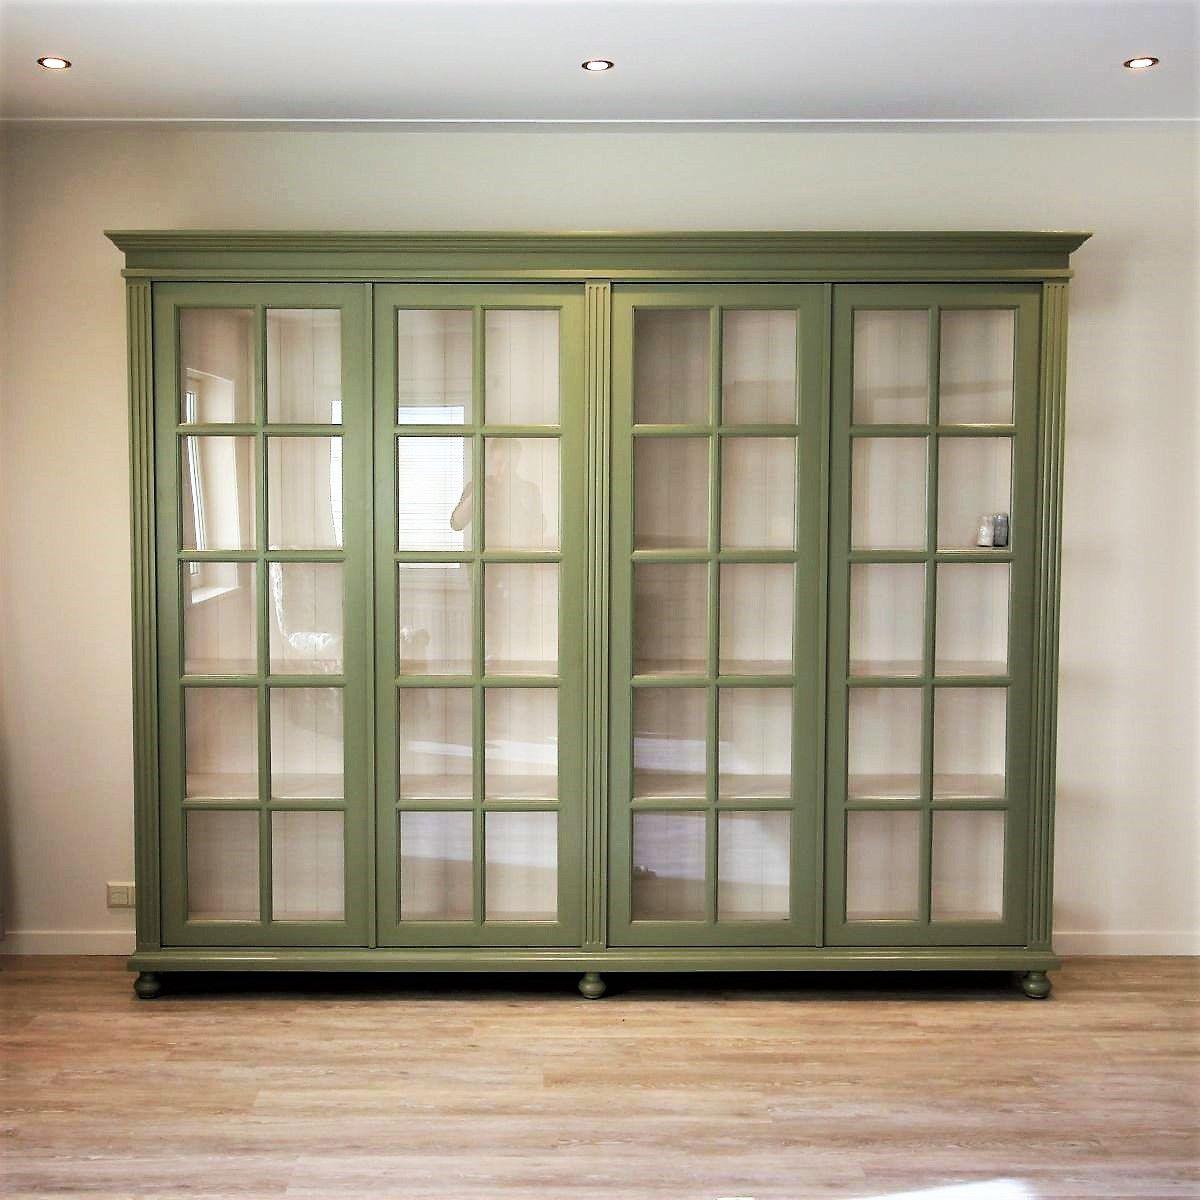 Vitrinekast 4 deurs olijf groen